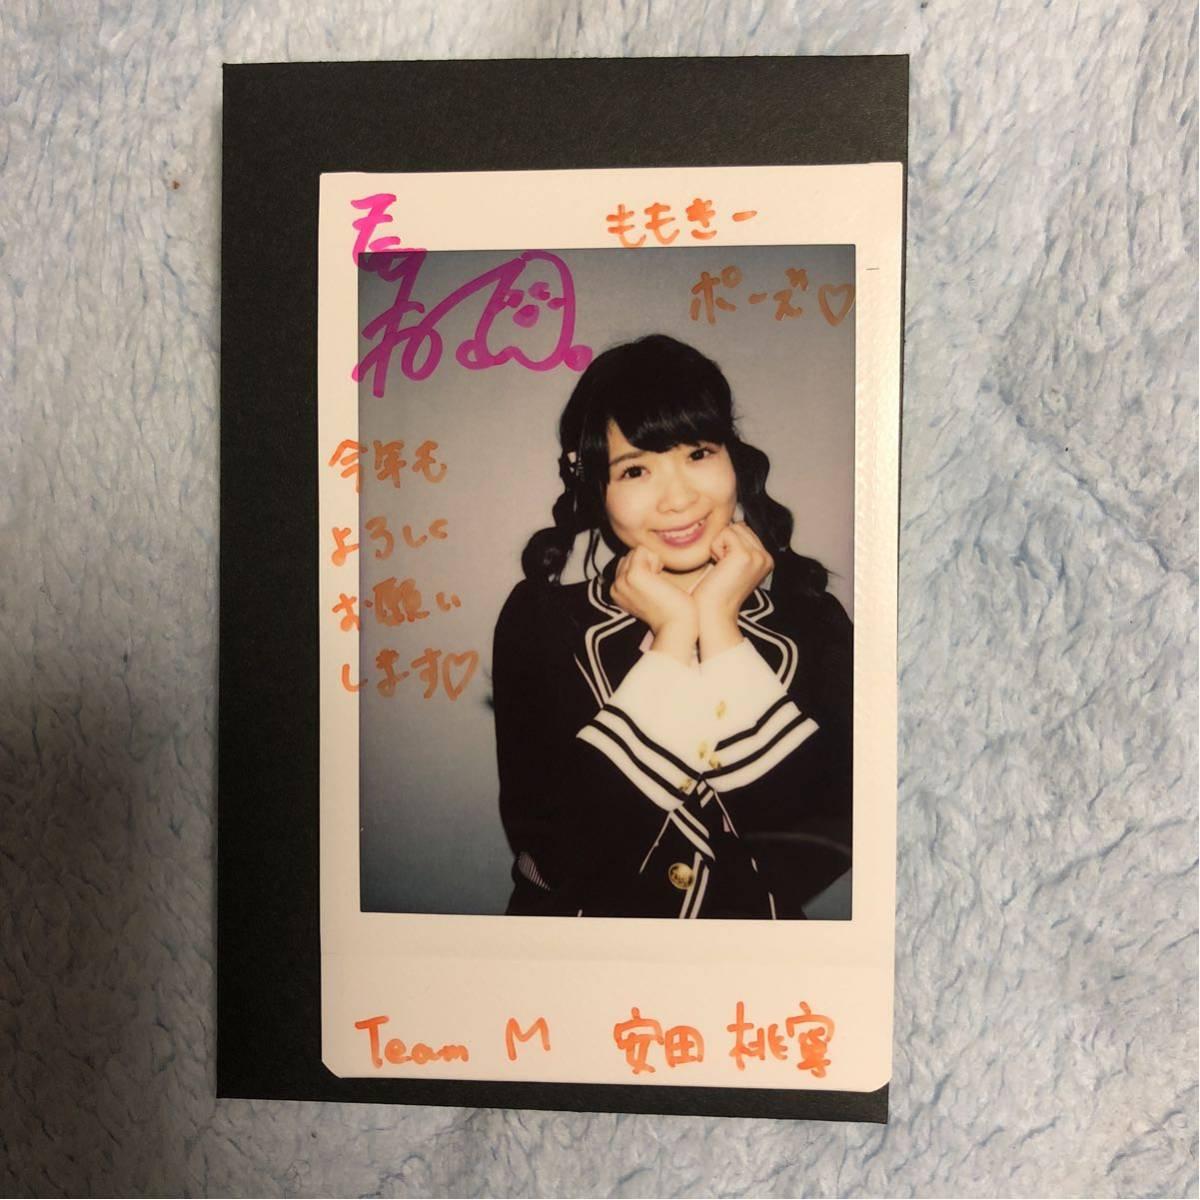 安田桃寧 NMB48 福袋2018 5等 チェキ 直筆サイン 写真